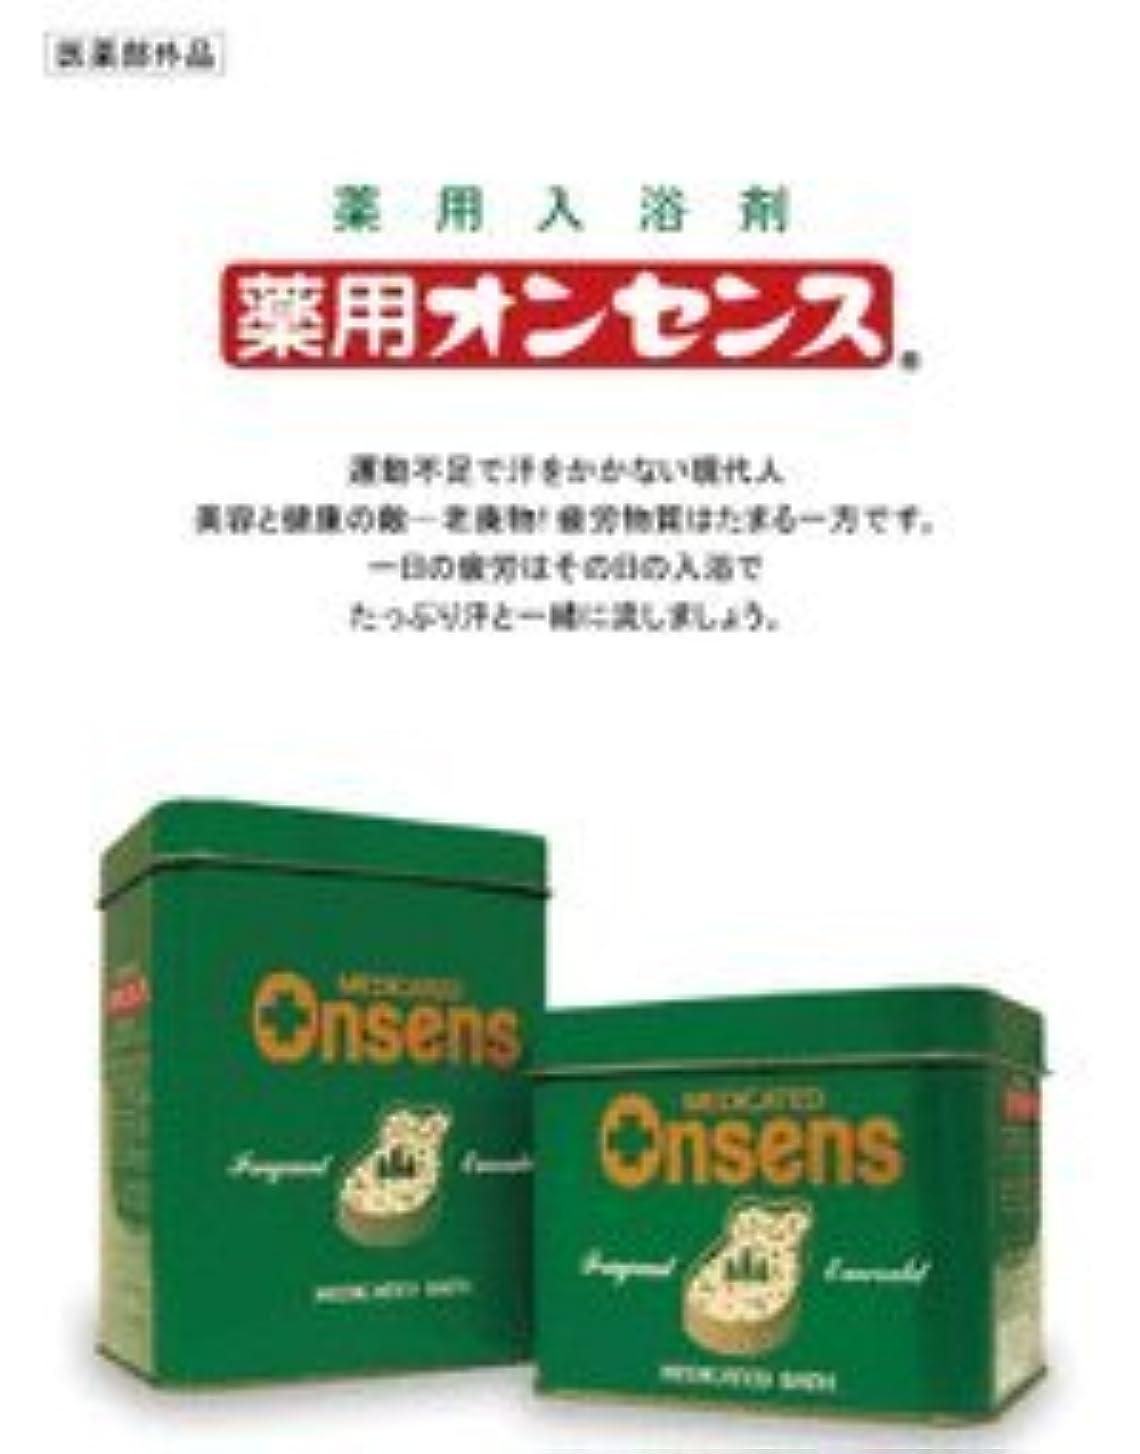 野望製油所キノコ薬用オンセンス 1.4kg缶 薬用入浴剤 松葉エキス(松柏科植物の製油) 入浴剤 医薬部外品